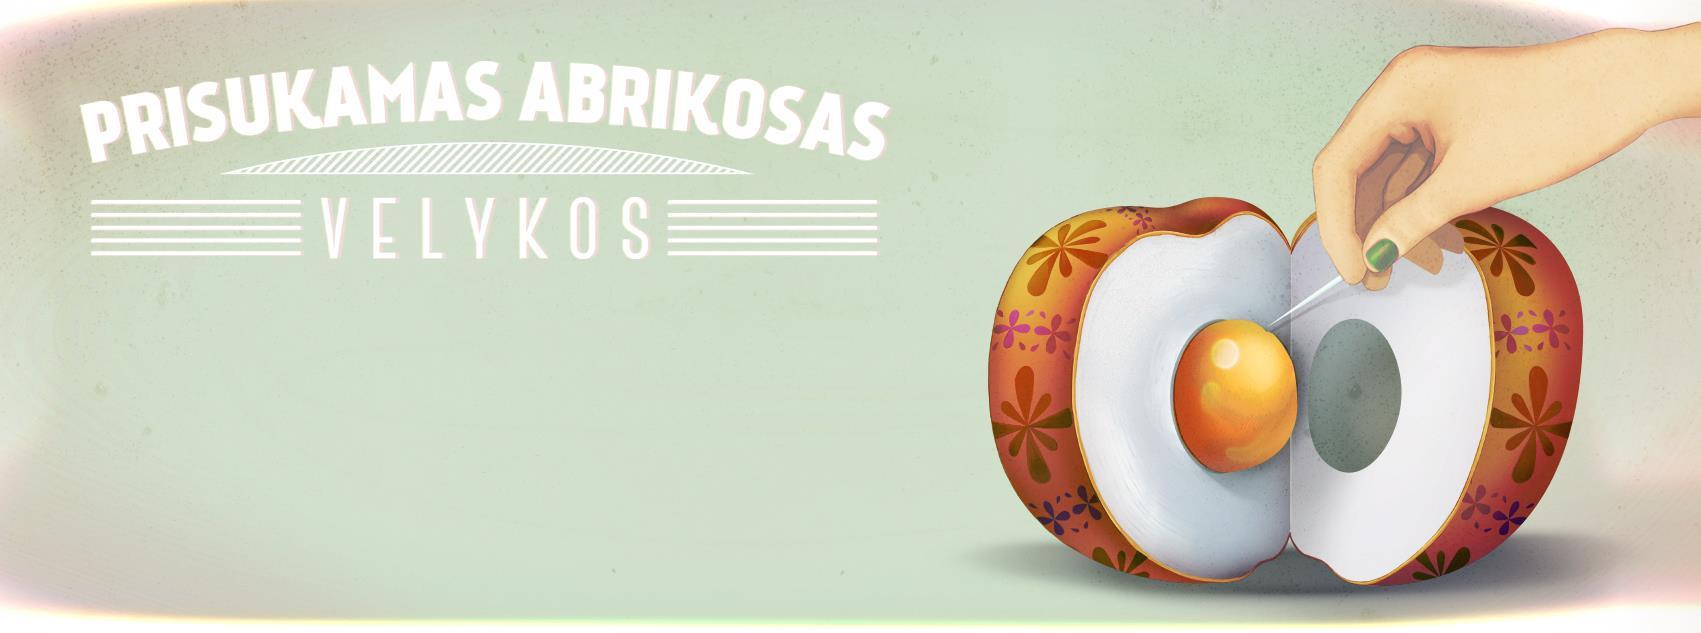 Prisukamas-Abrikosas-2014